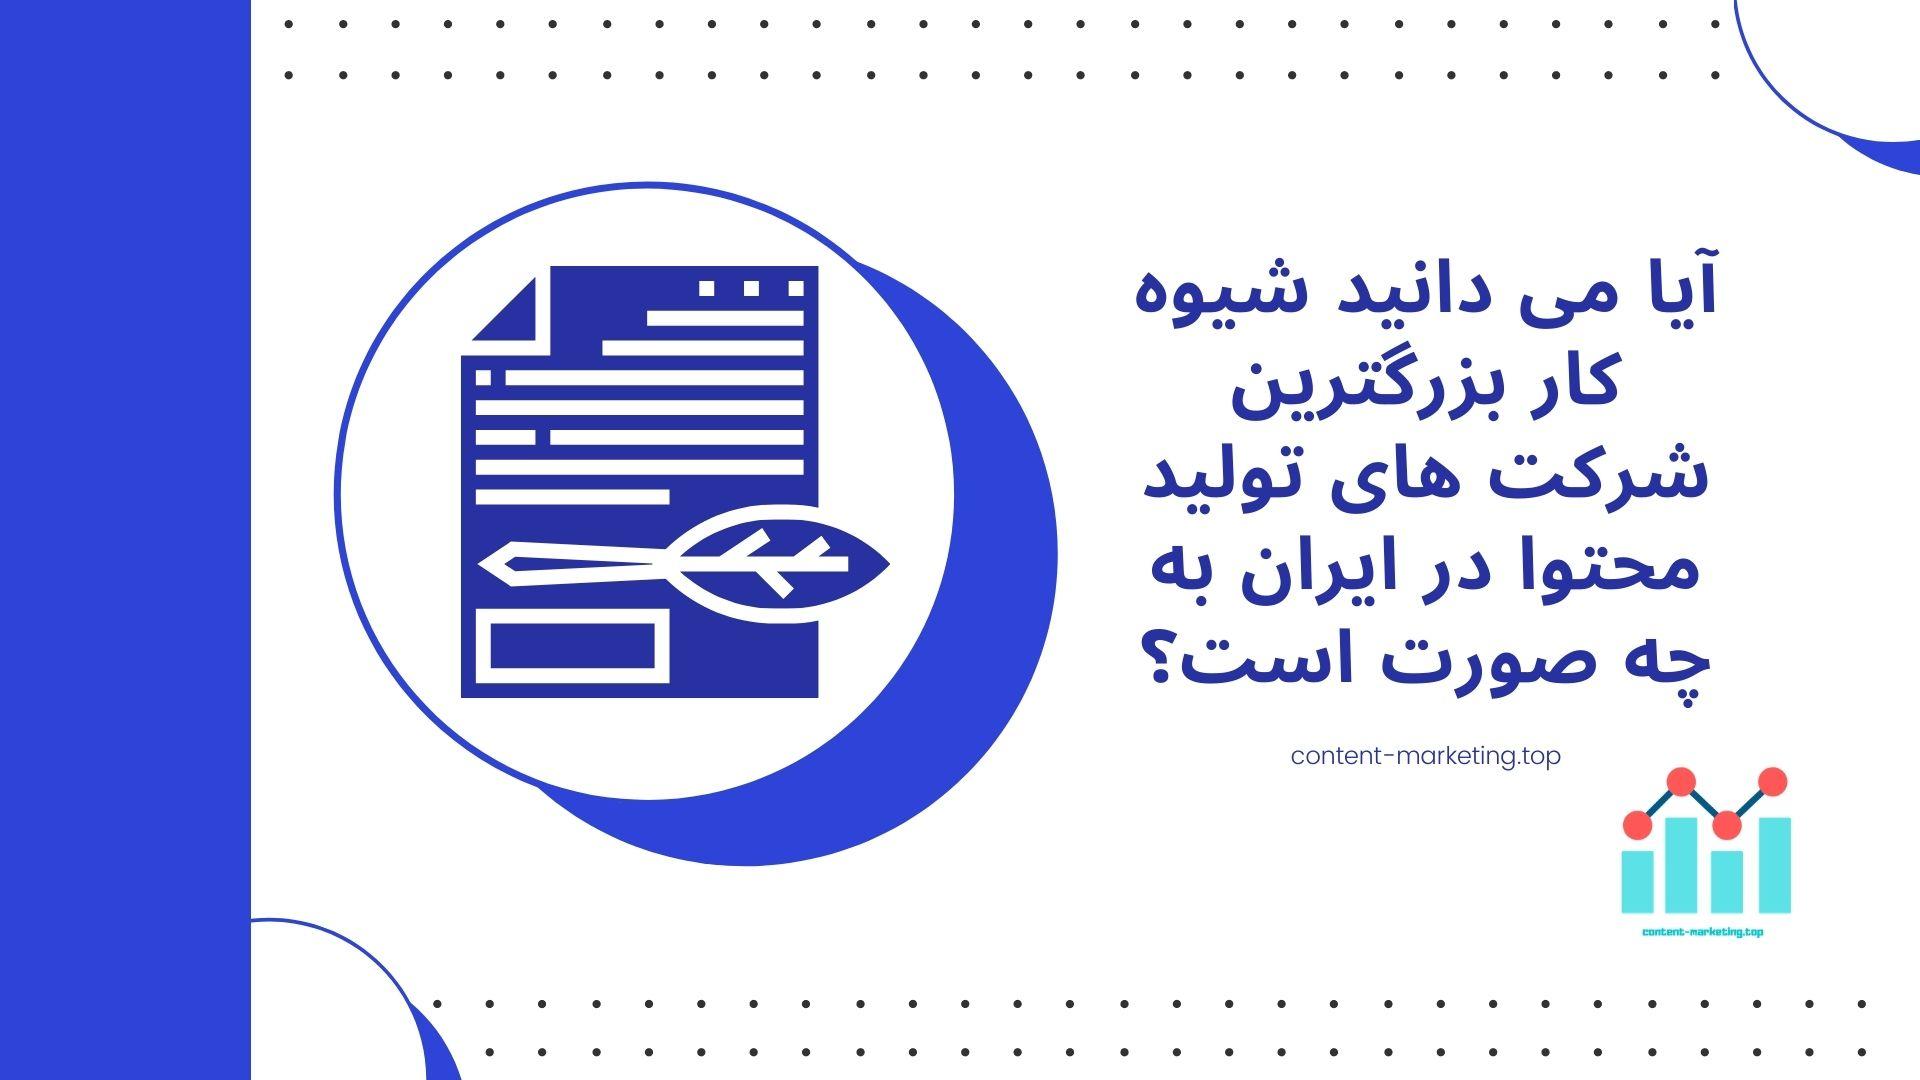 آیا می دانید شیوه کار بزرگترین شرکت های تولید محتوا در ایران به چه صورت است؟